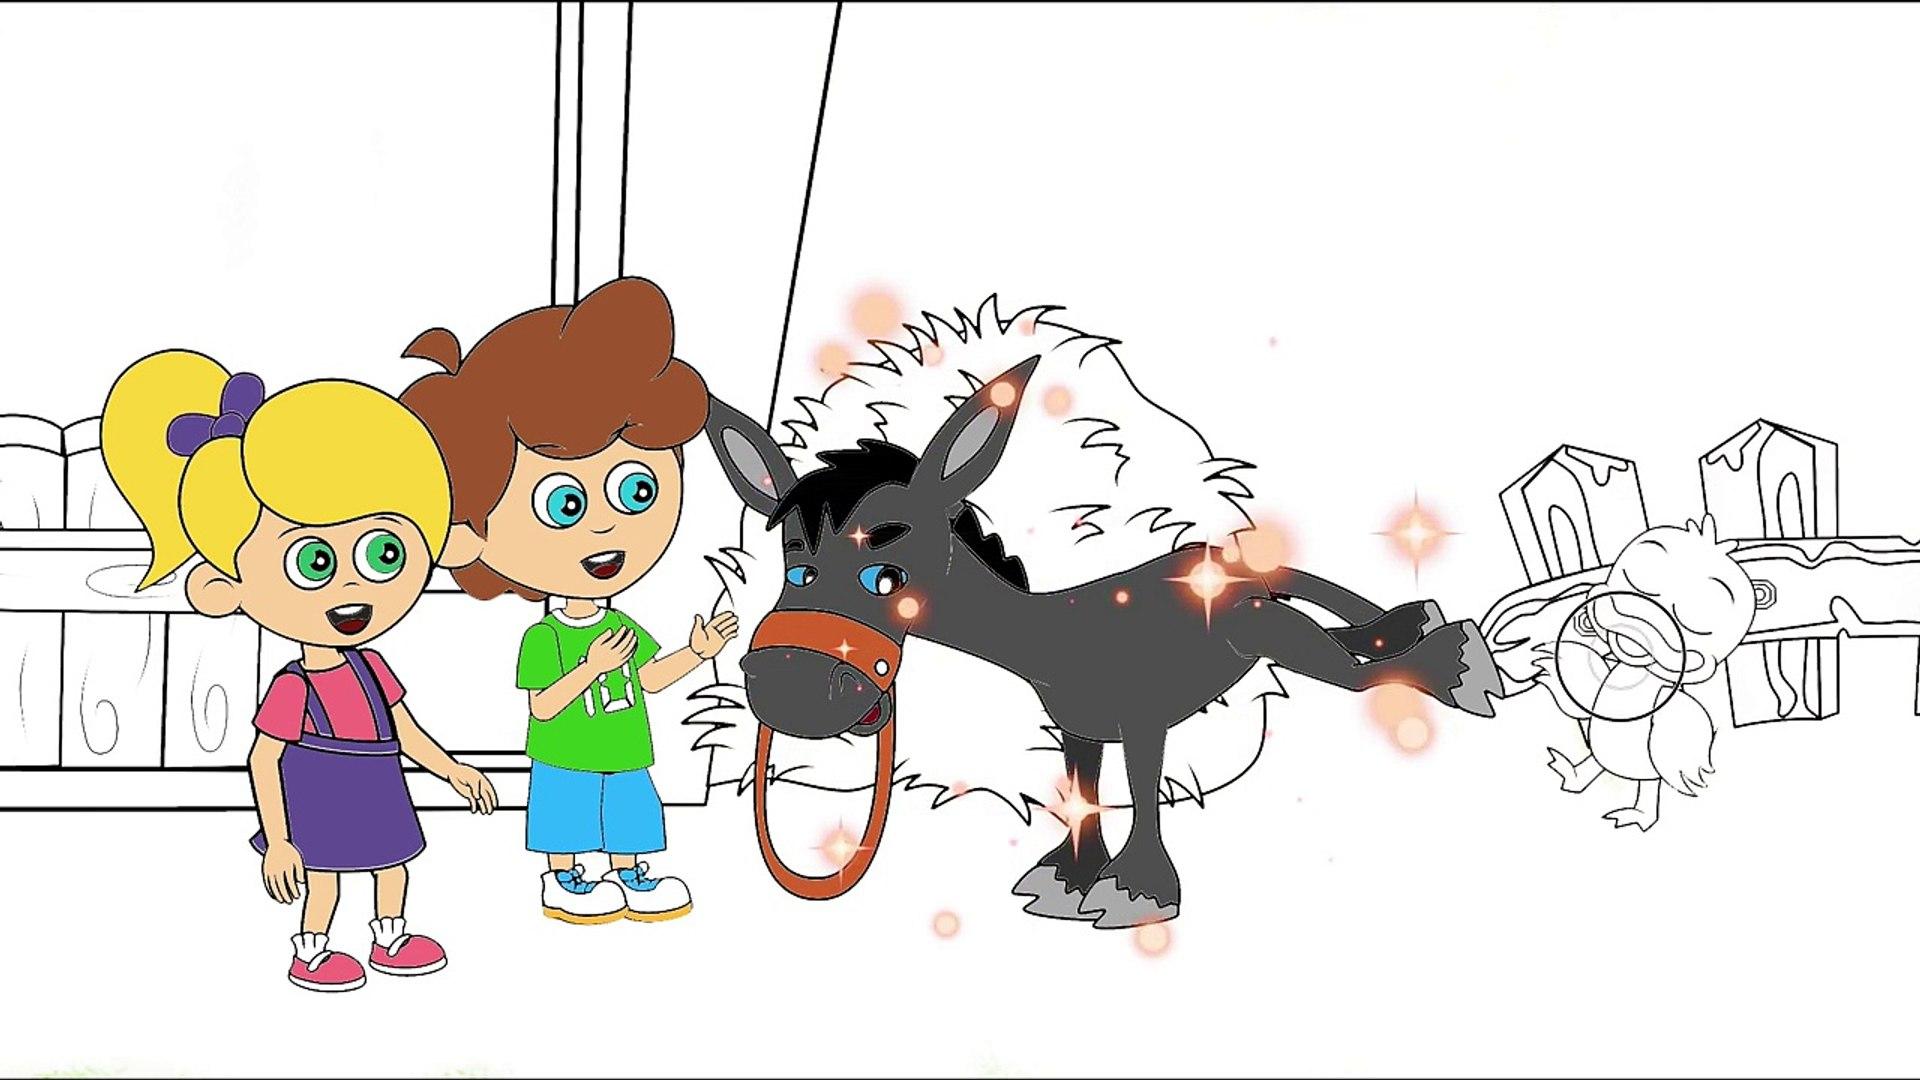 Sevimli Dostlar çizgi film karakter boyama sayfası 8,Çizgi film izle animasyon 2017